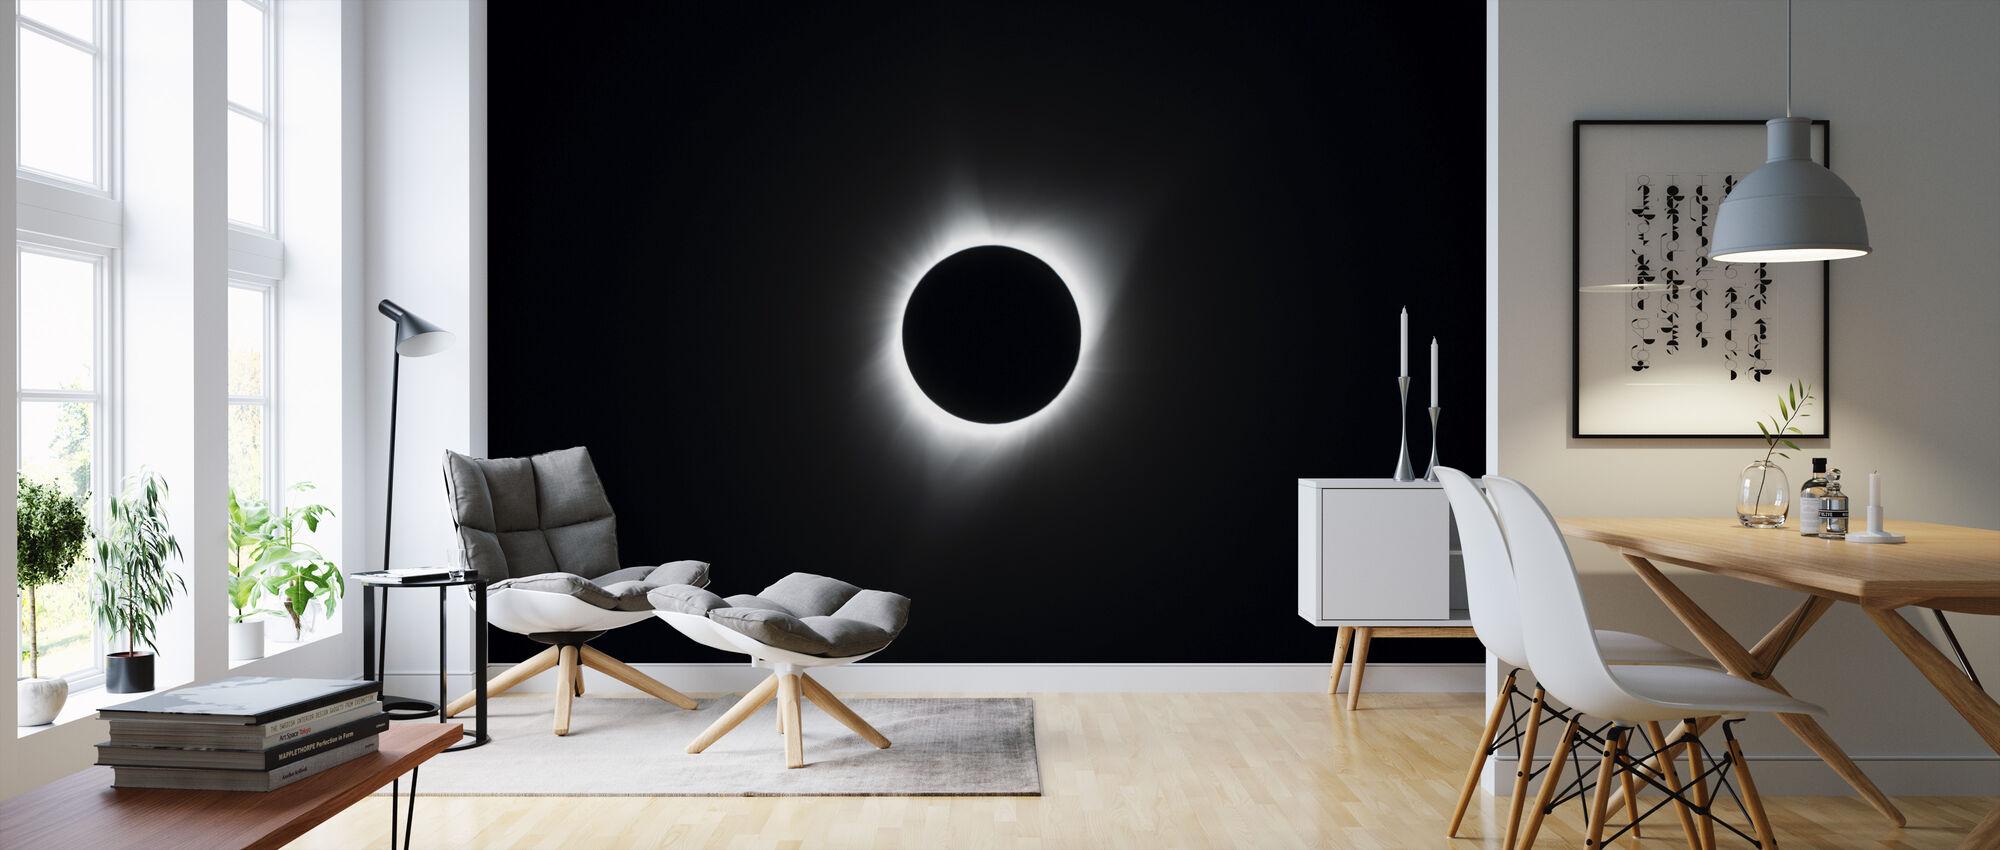 Totale Sonnenfinsternis - Tapete - Wohnzimmer